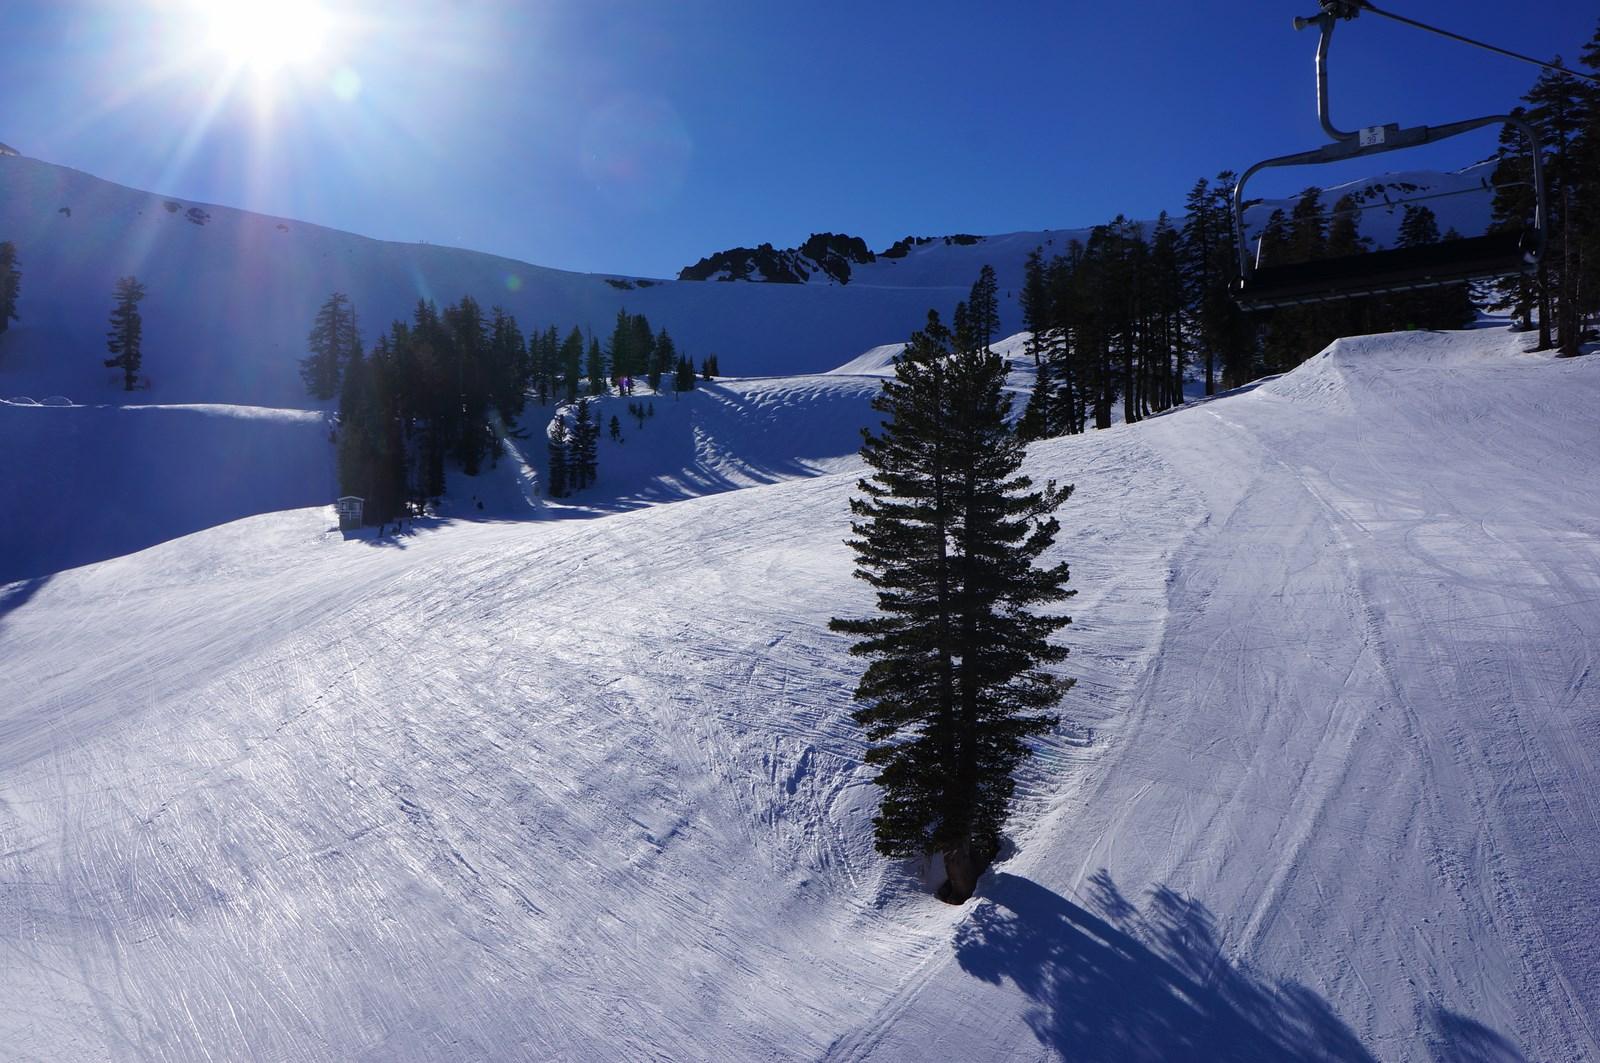 アメリカスキー場